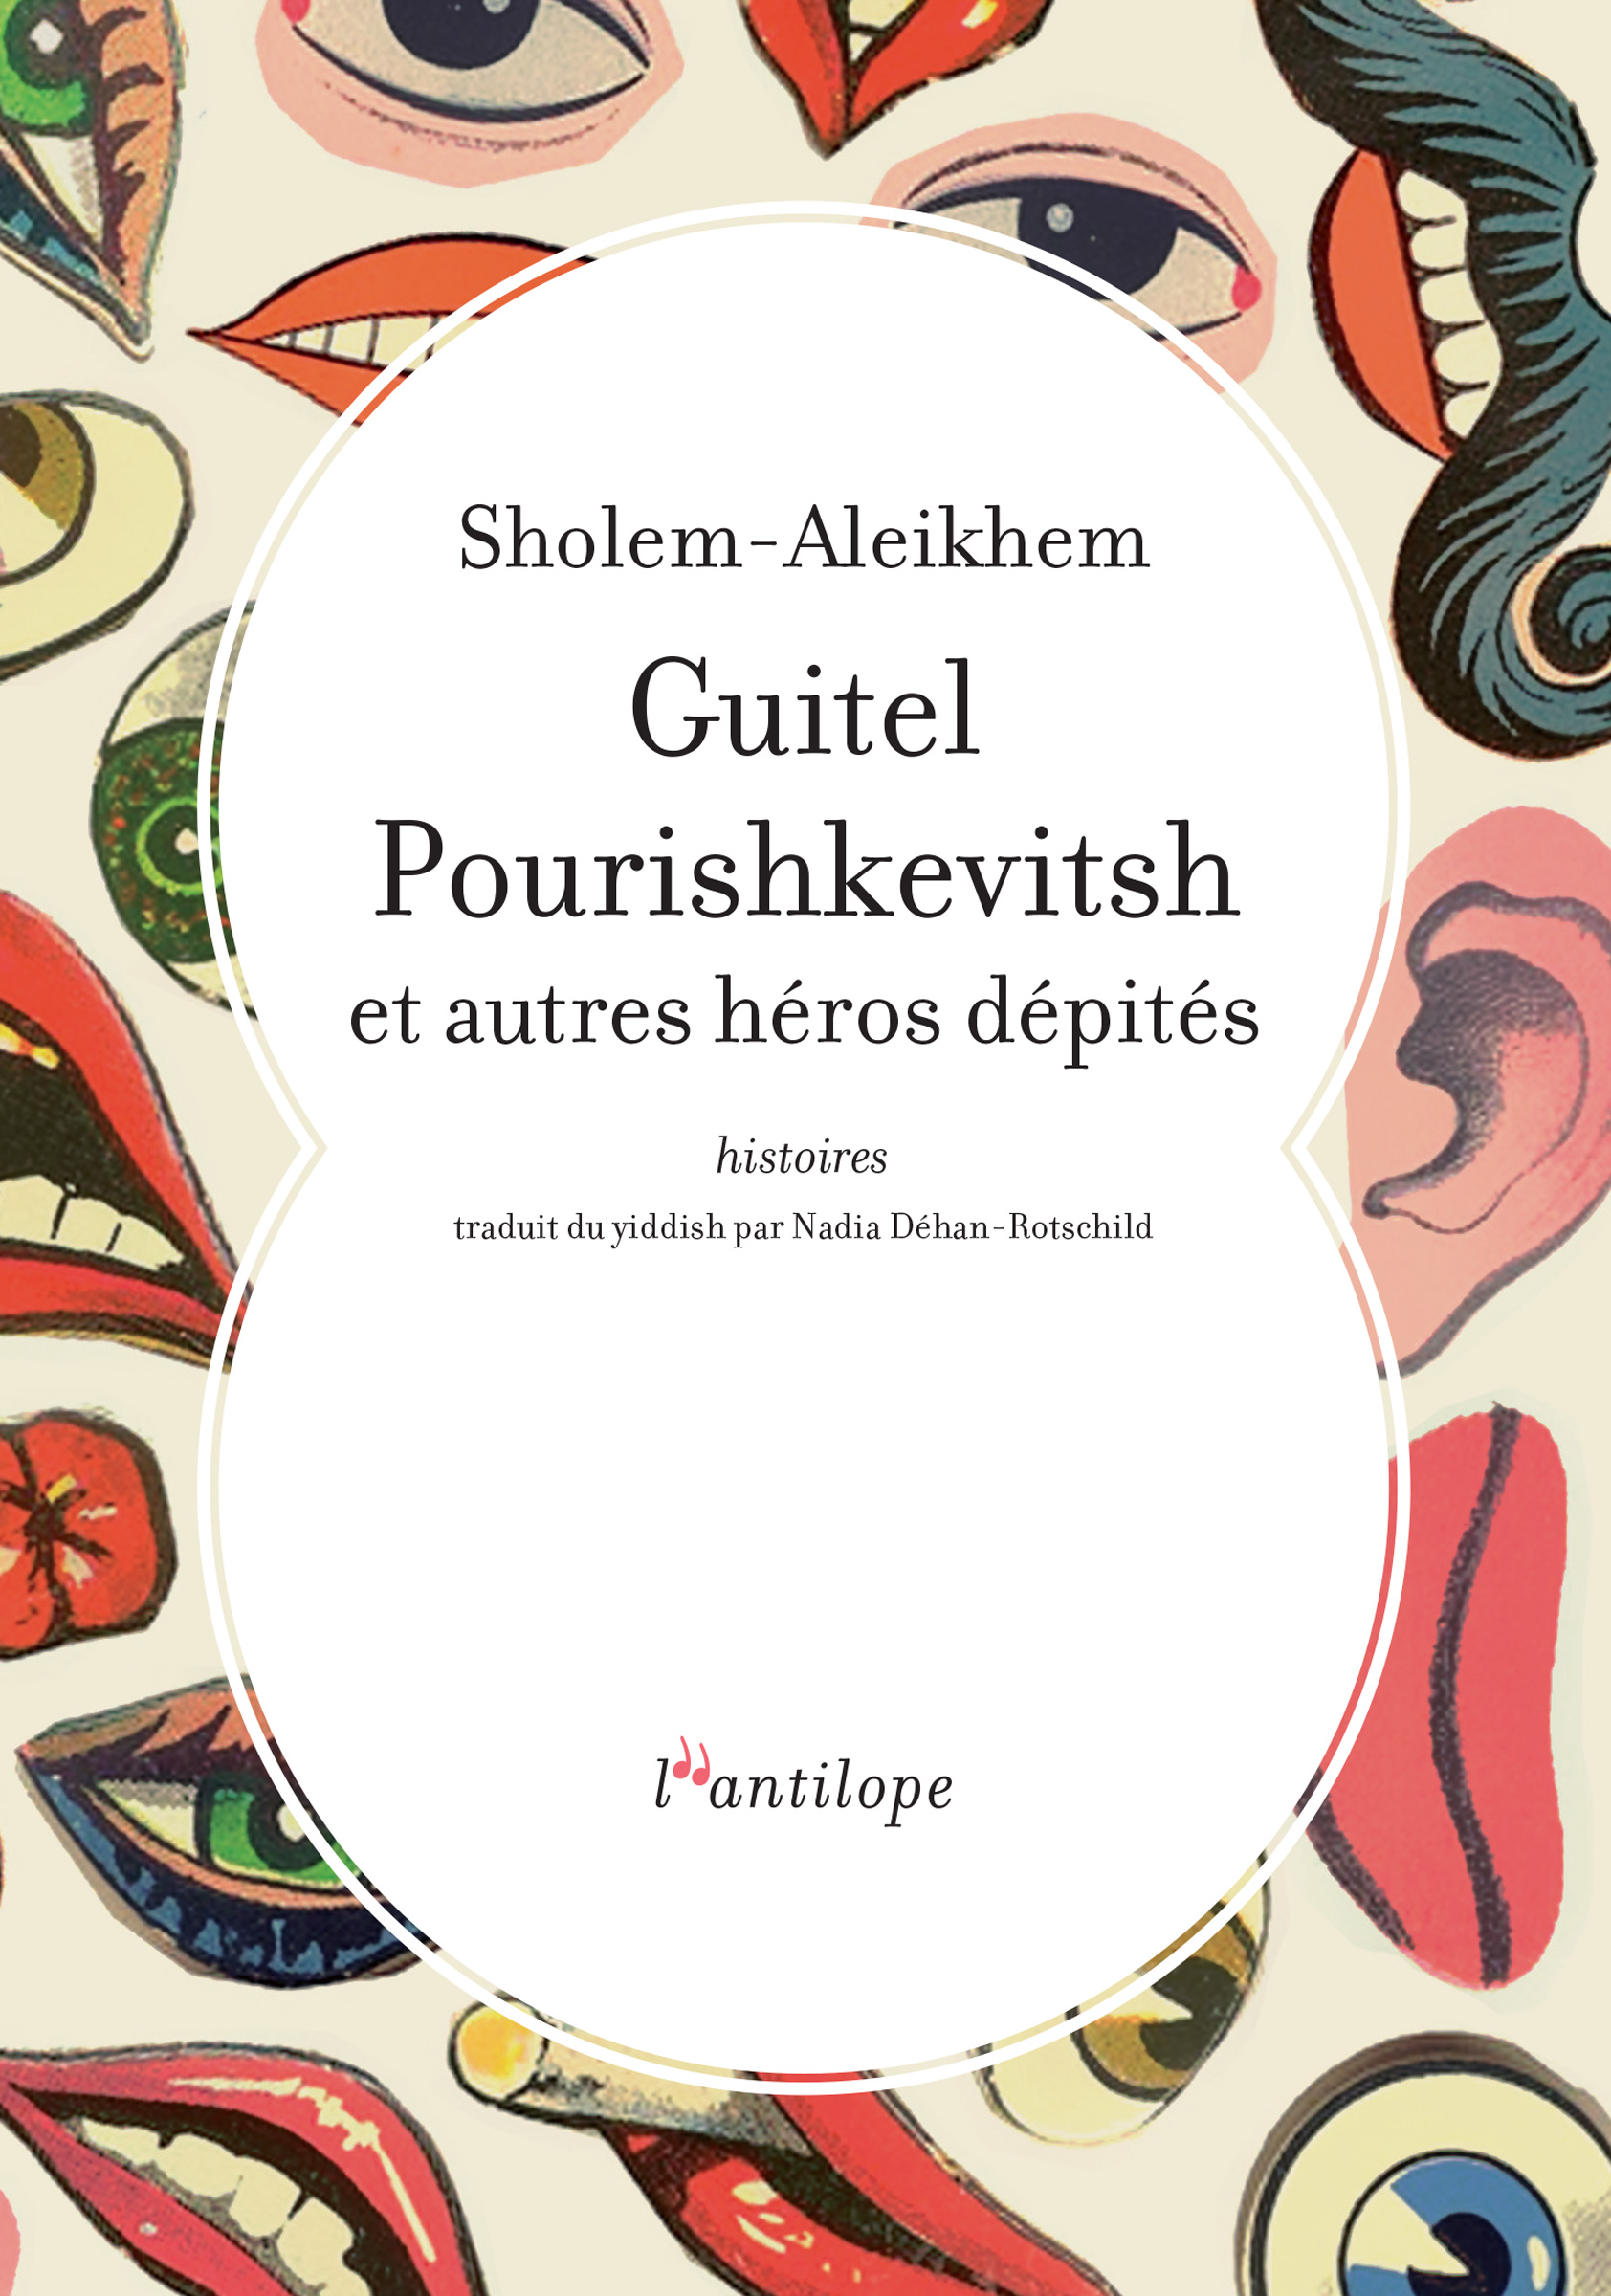 Guitel Pourishkevitsh, ET AUTRES HÉROS DÉPITÉS